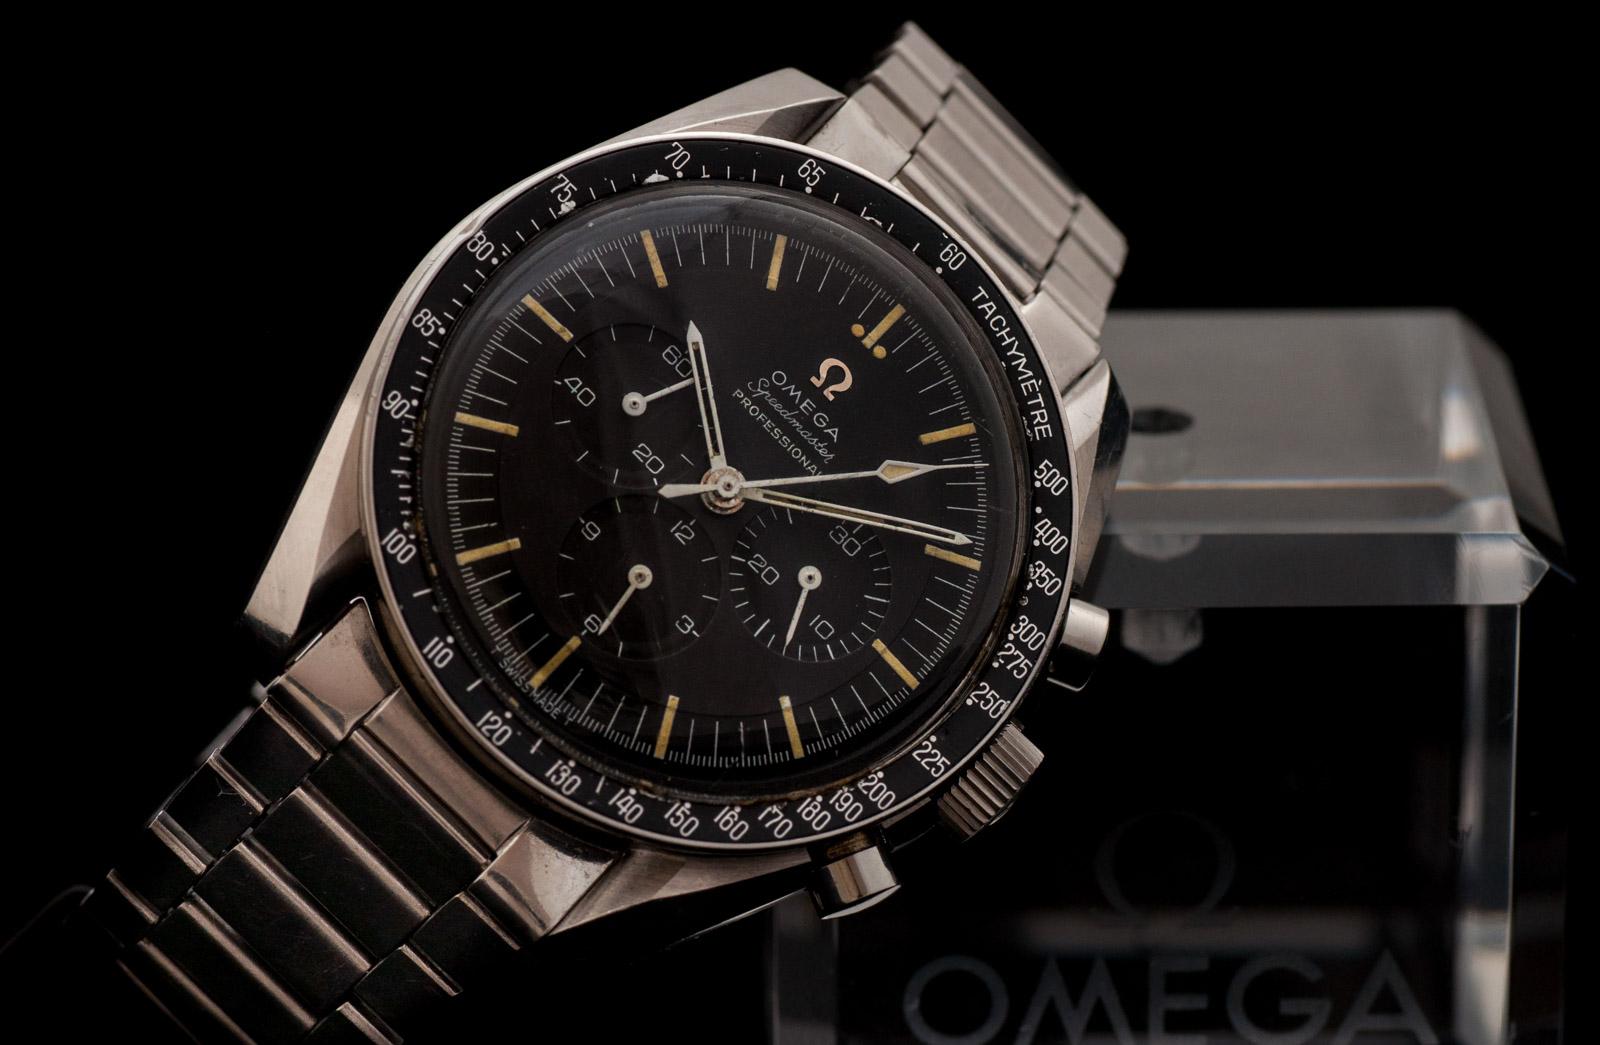 Omega Speedmaster Professional fra 1966. Fortsatt i produksjon, koster like mye som en Apple Watch Edition, men trenger ikke programvareoppdateringer.